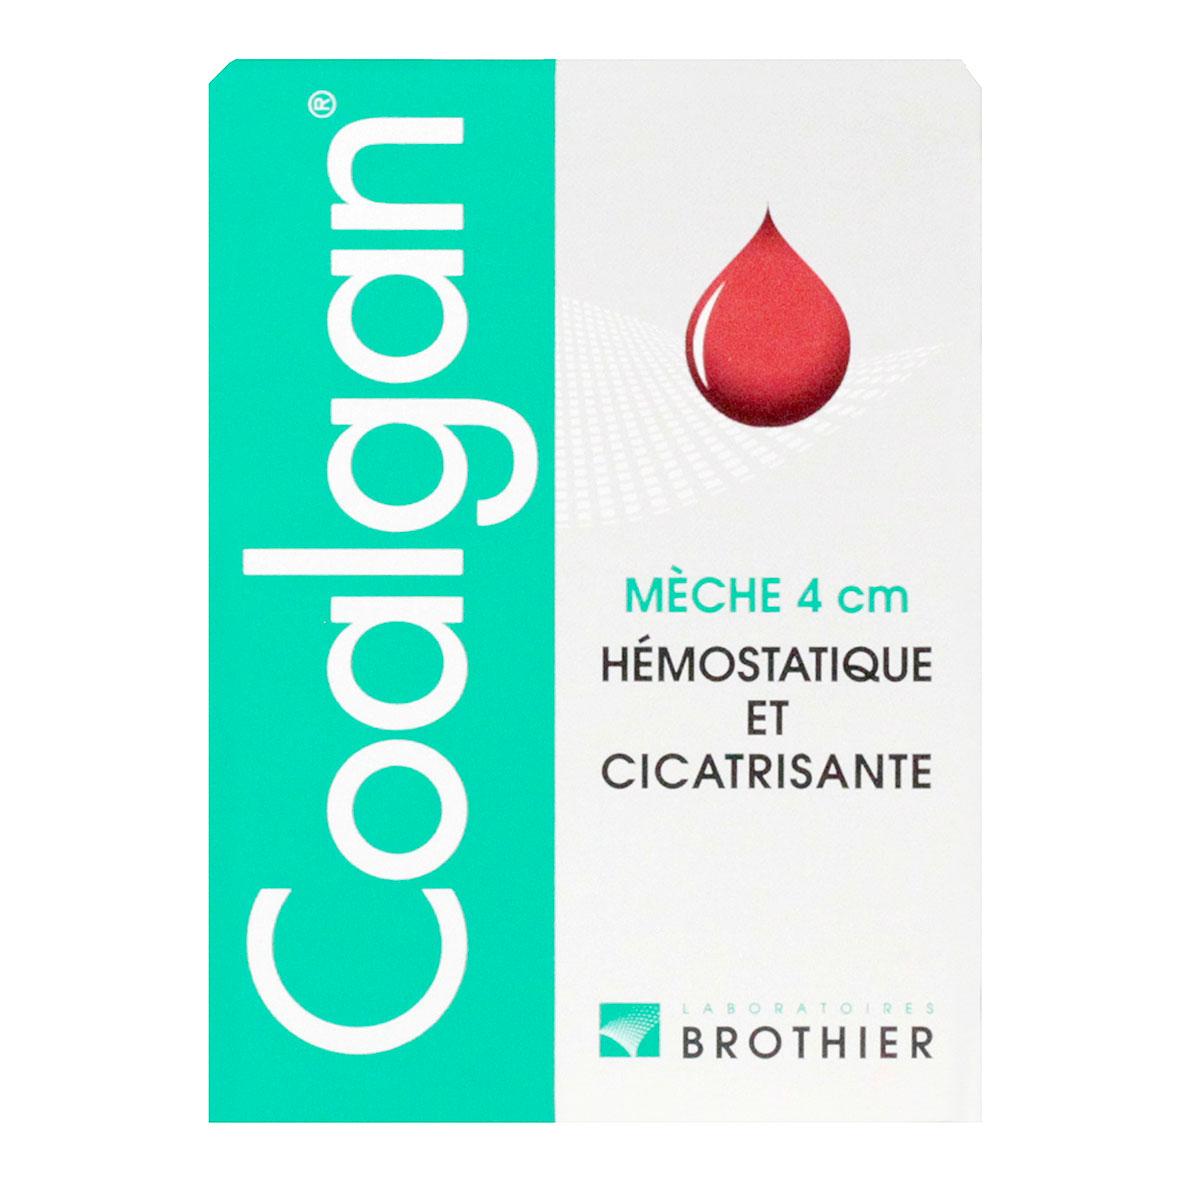 Coalgan 5 mèches stériles saignements